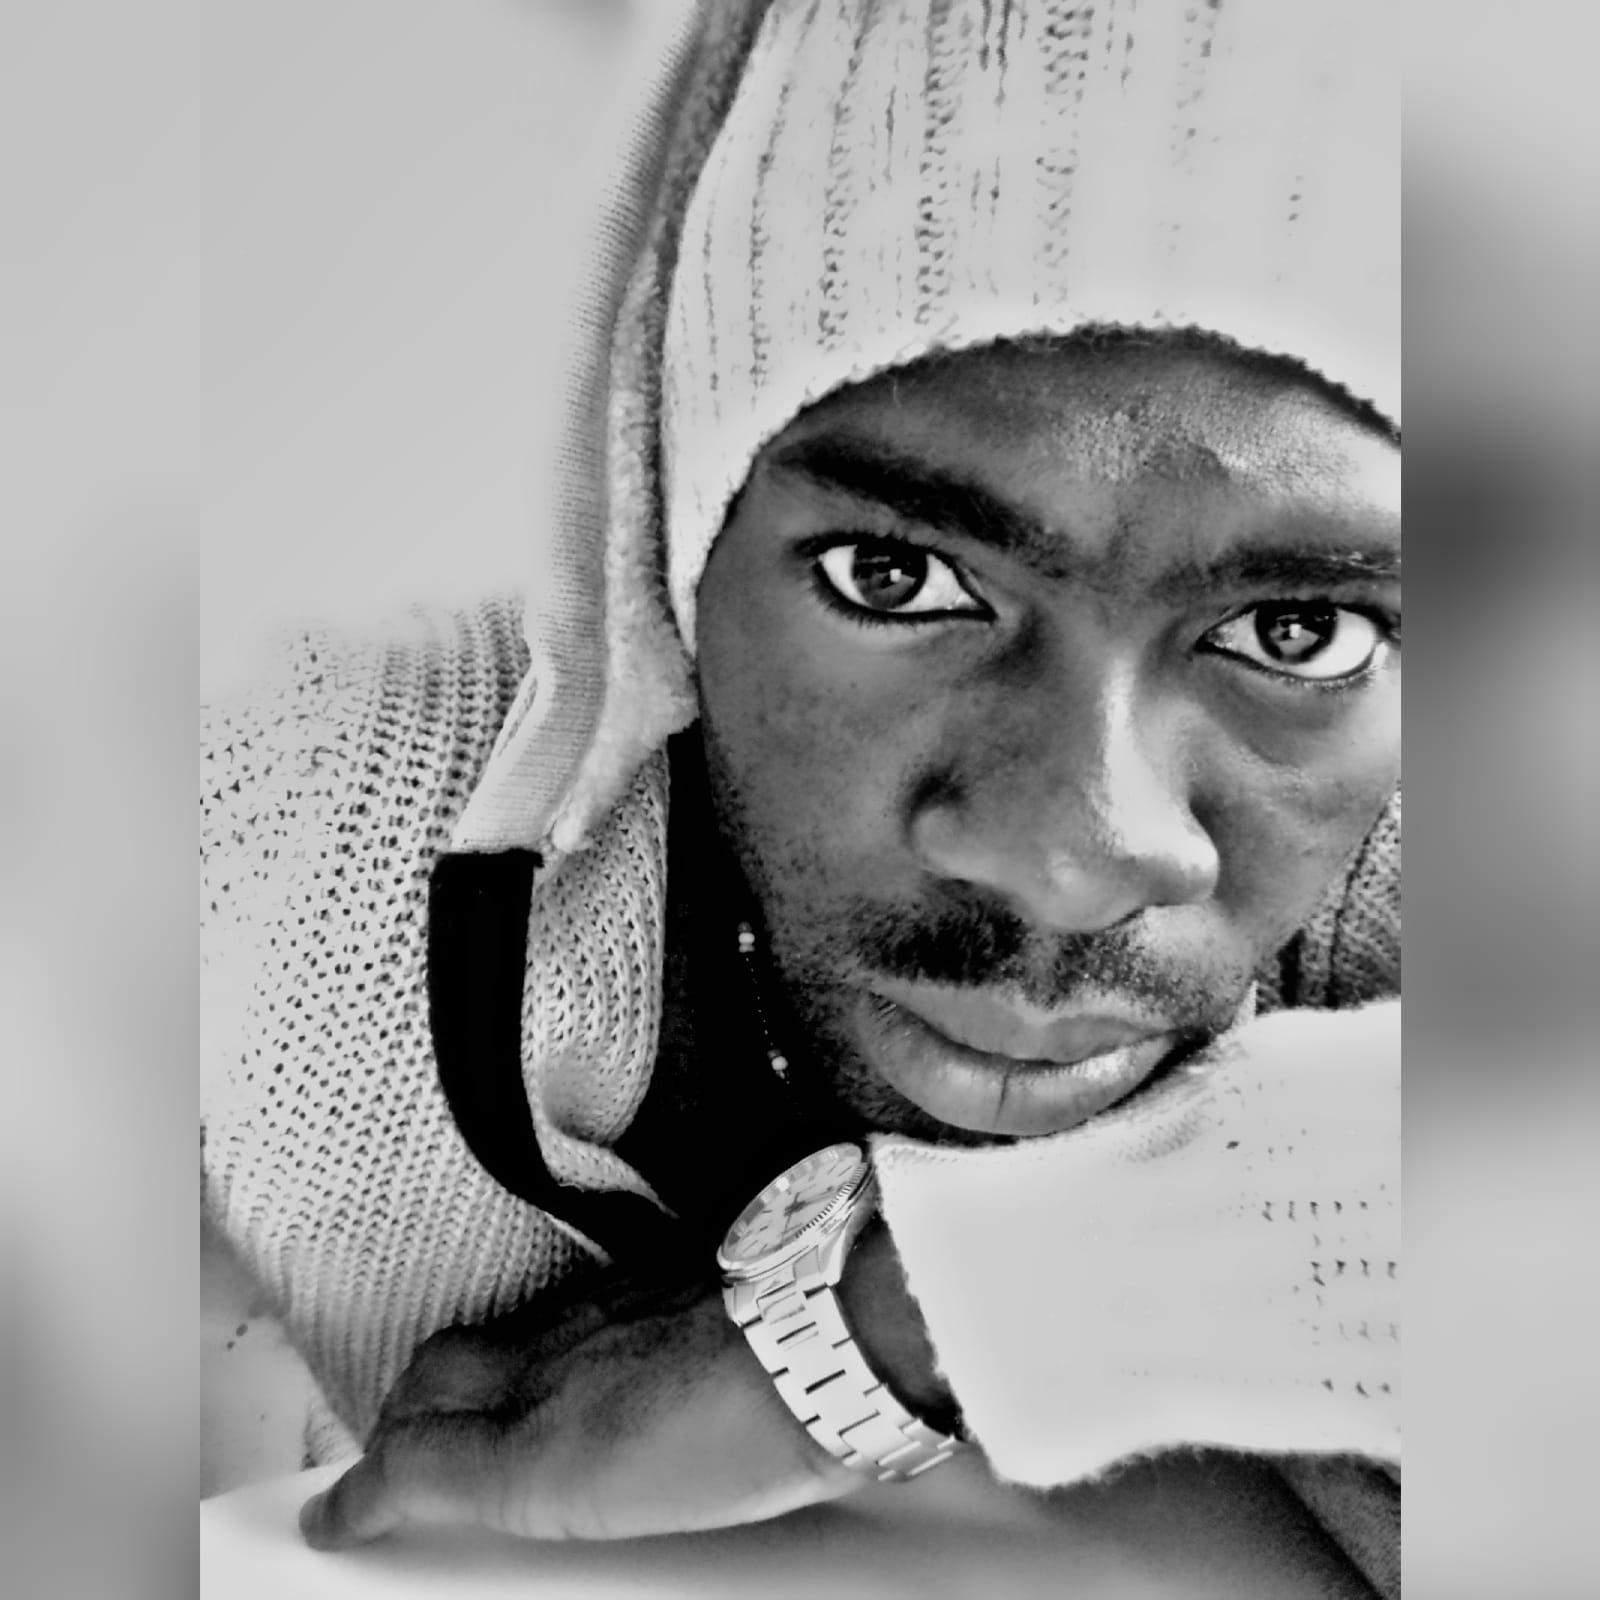 Le Duc, Jesi Rap contest